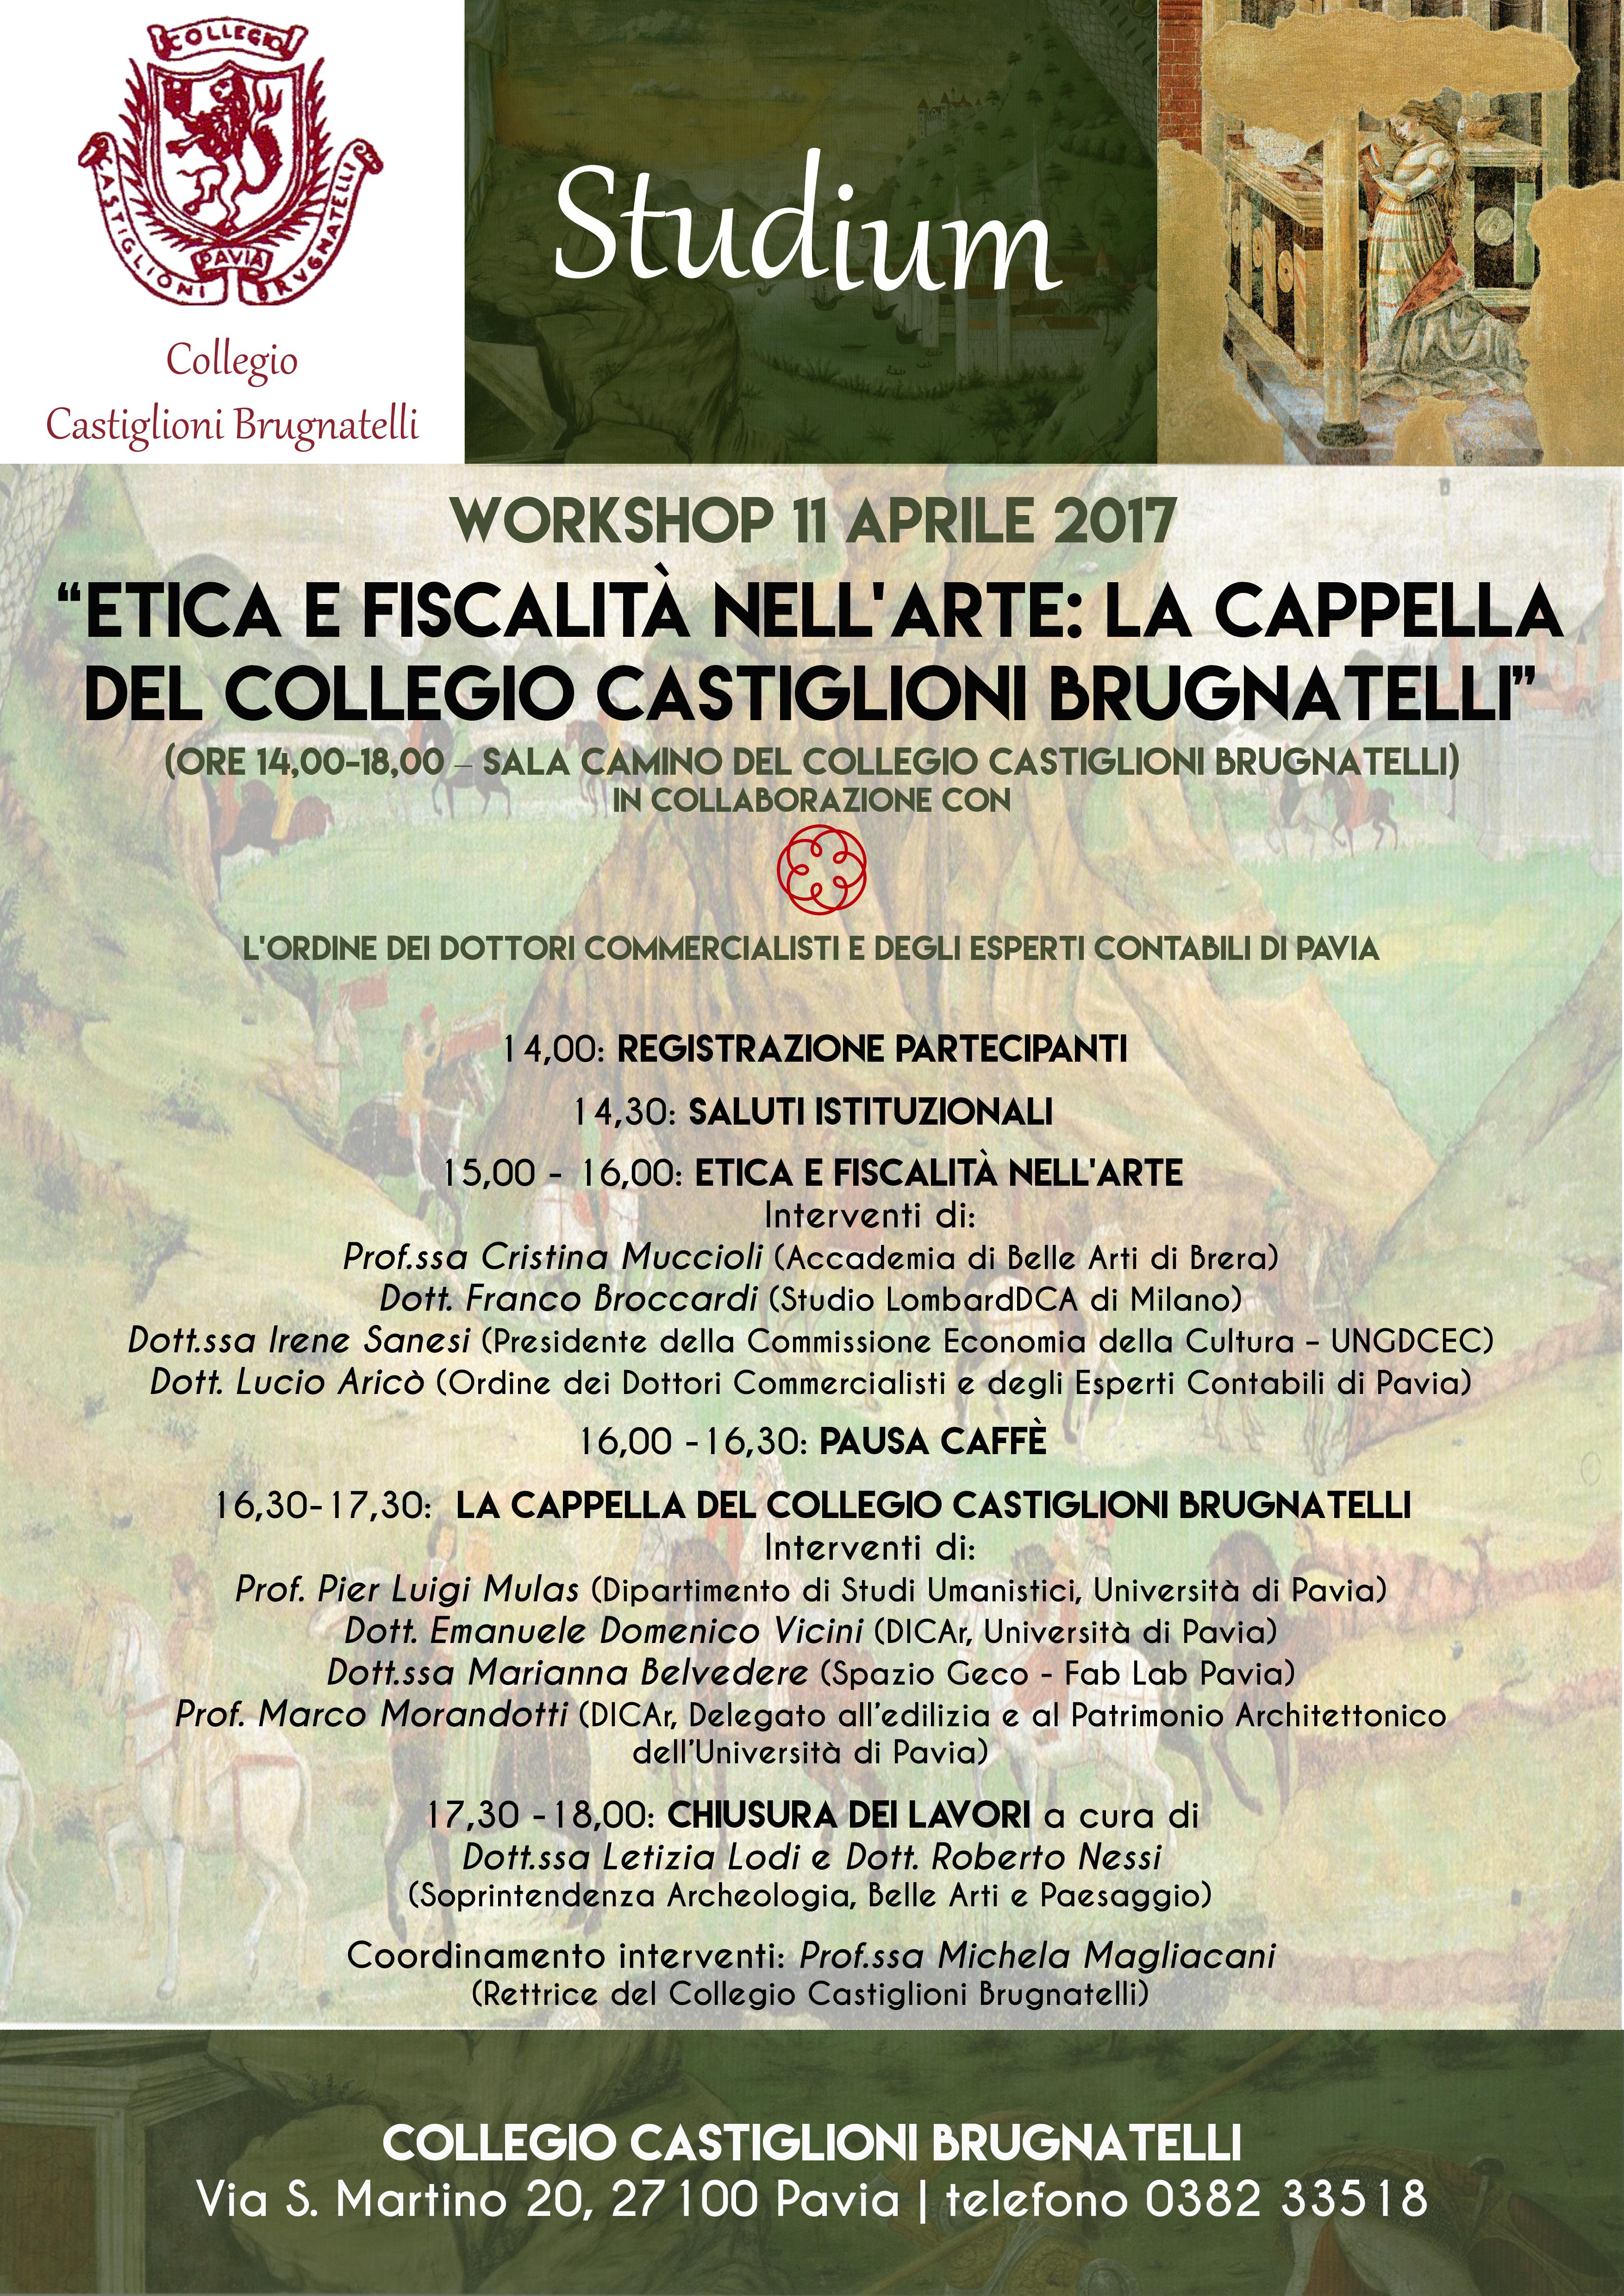 locandina-workshop-11-aprile-2017-collegio-cb.jpg